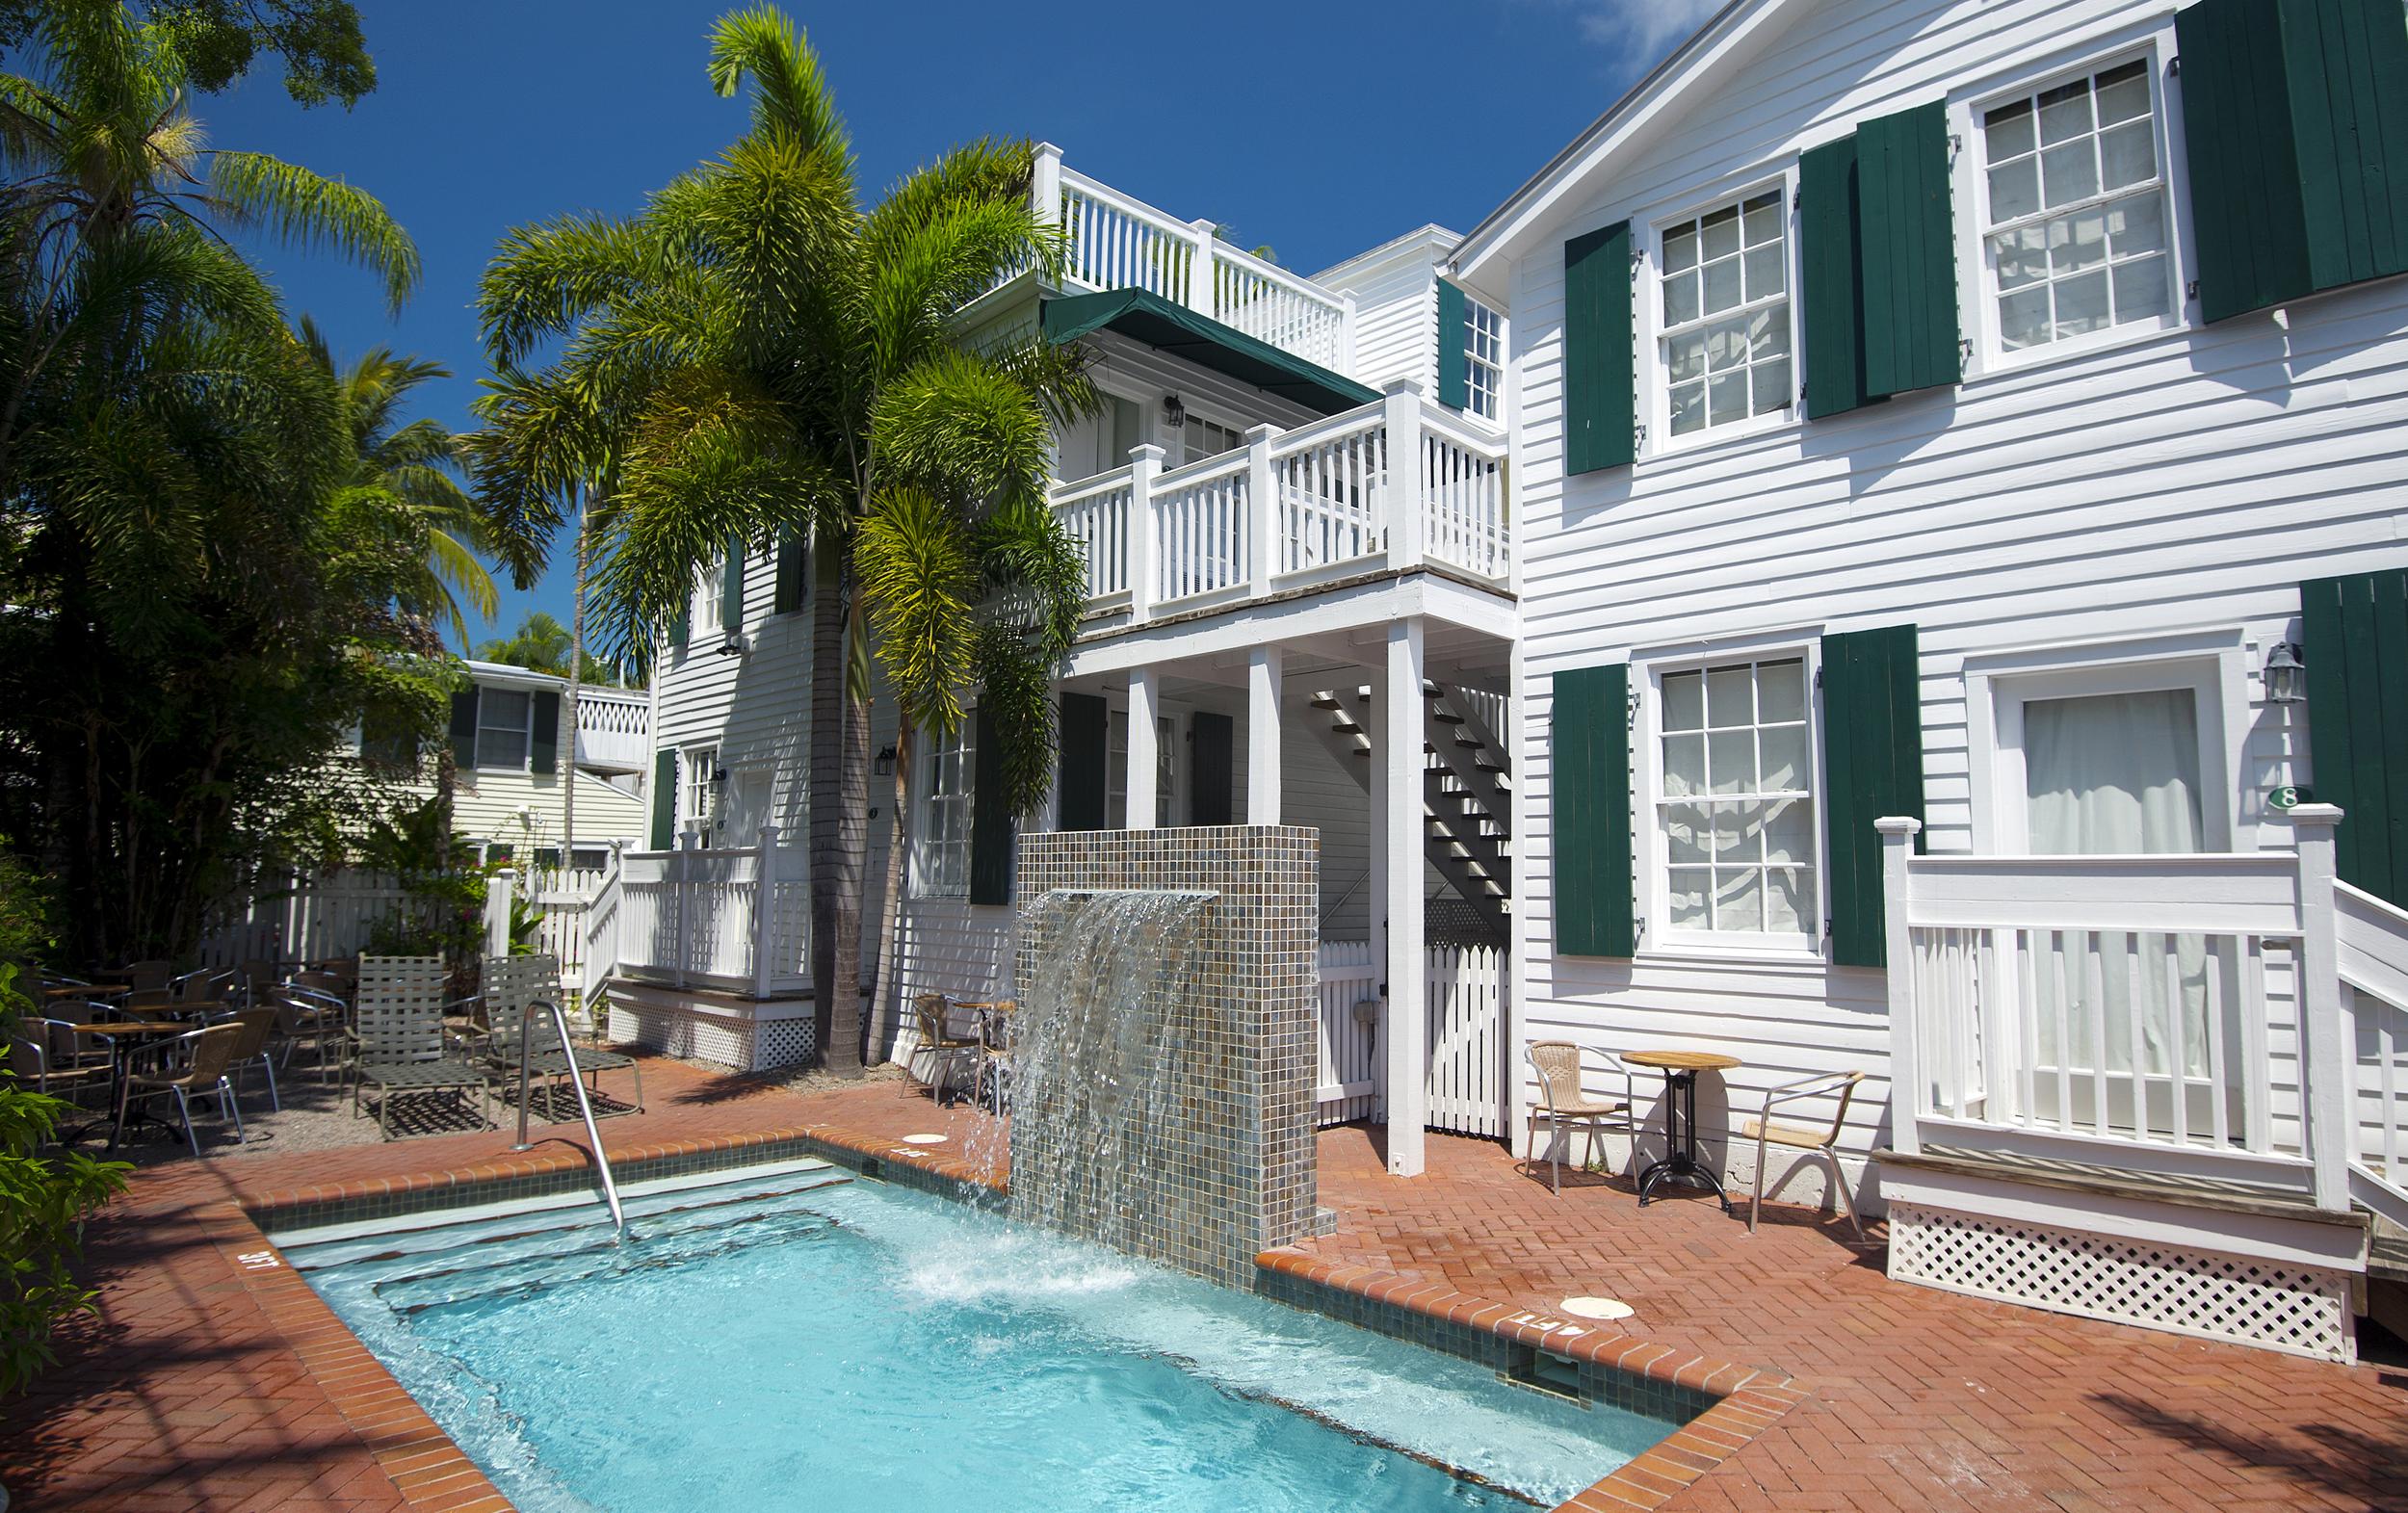 Albury Court Hotel Key West, FL 33040 - YP.com